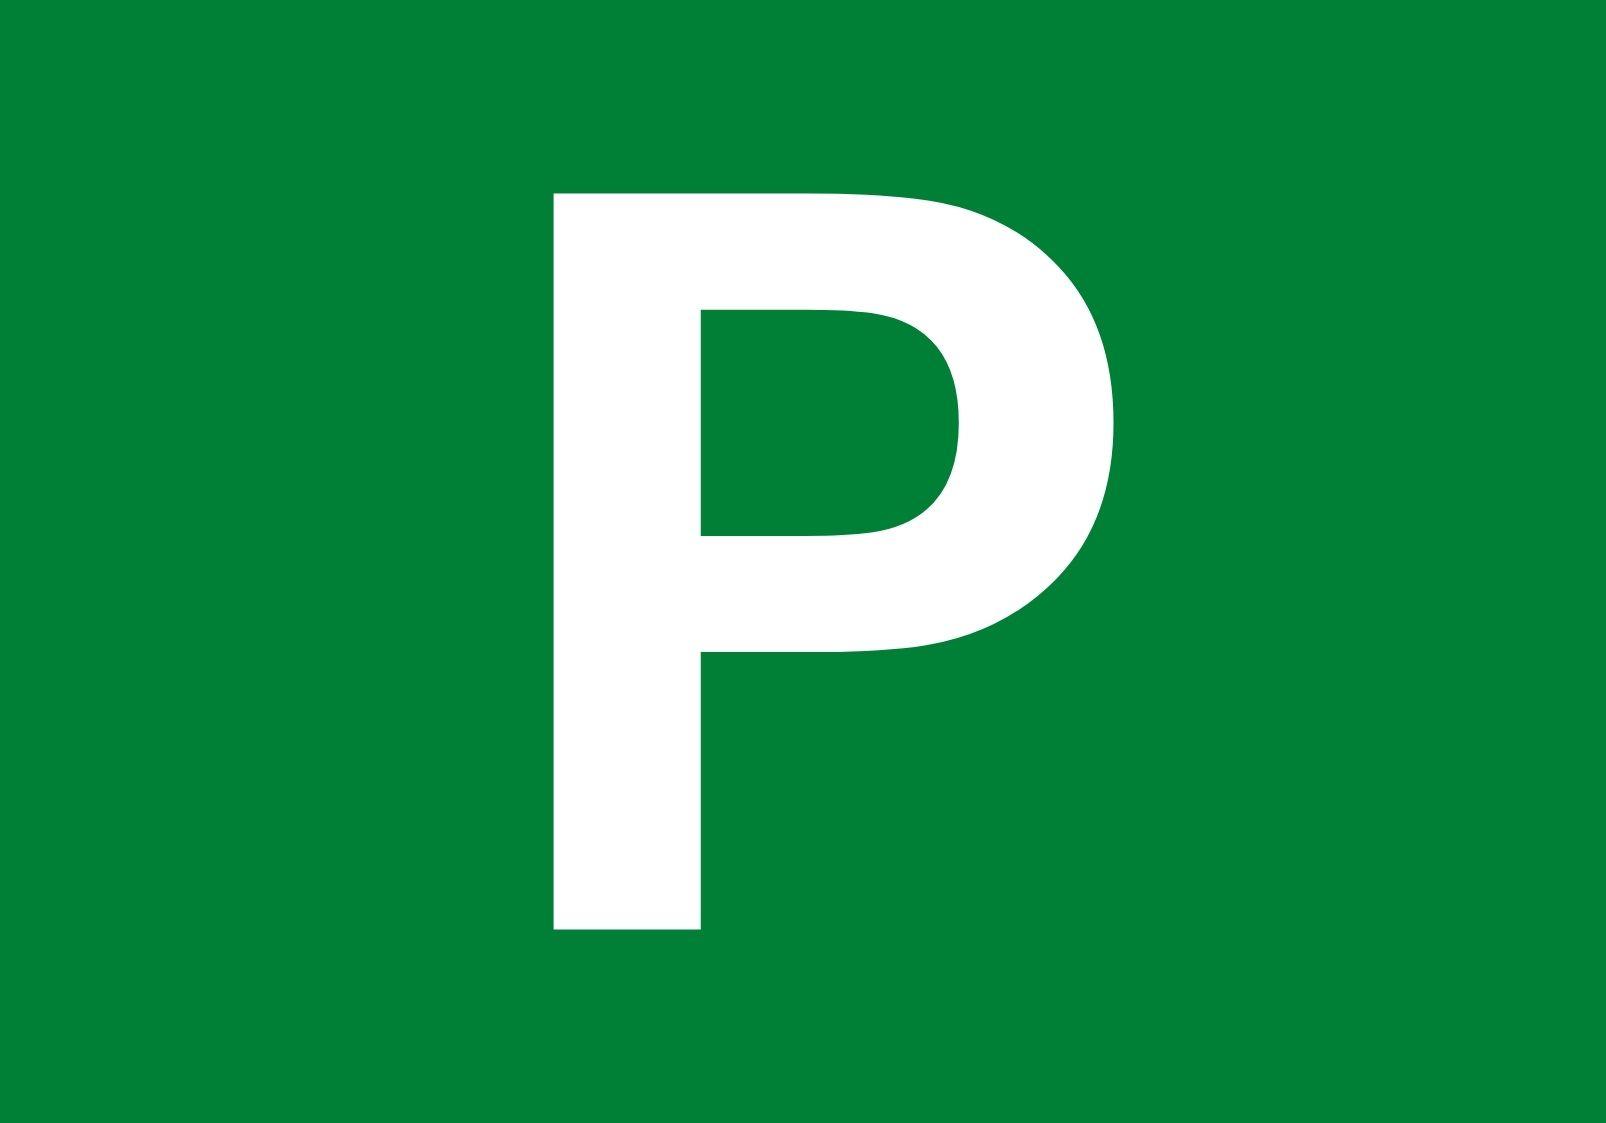 PÁZMÁNY PÉTER ELEKTRONIKUS KÖNYVTÁR (PPEK)